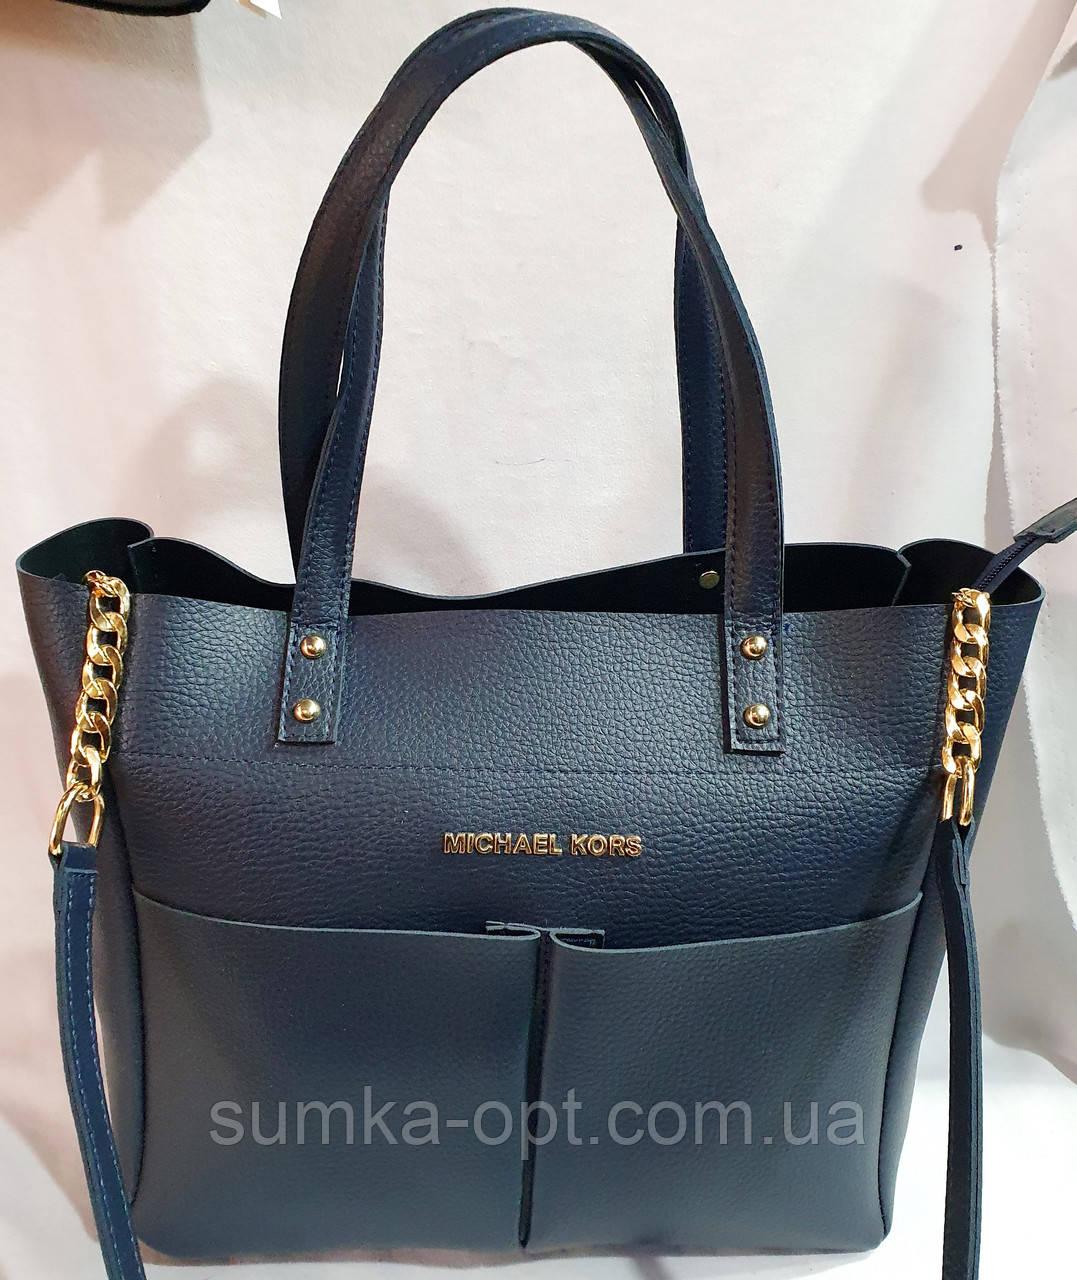 Брендовая женская сумка Michael Kors синяя из кожзама 32*29 см